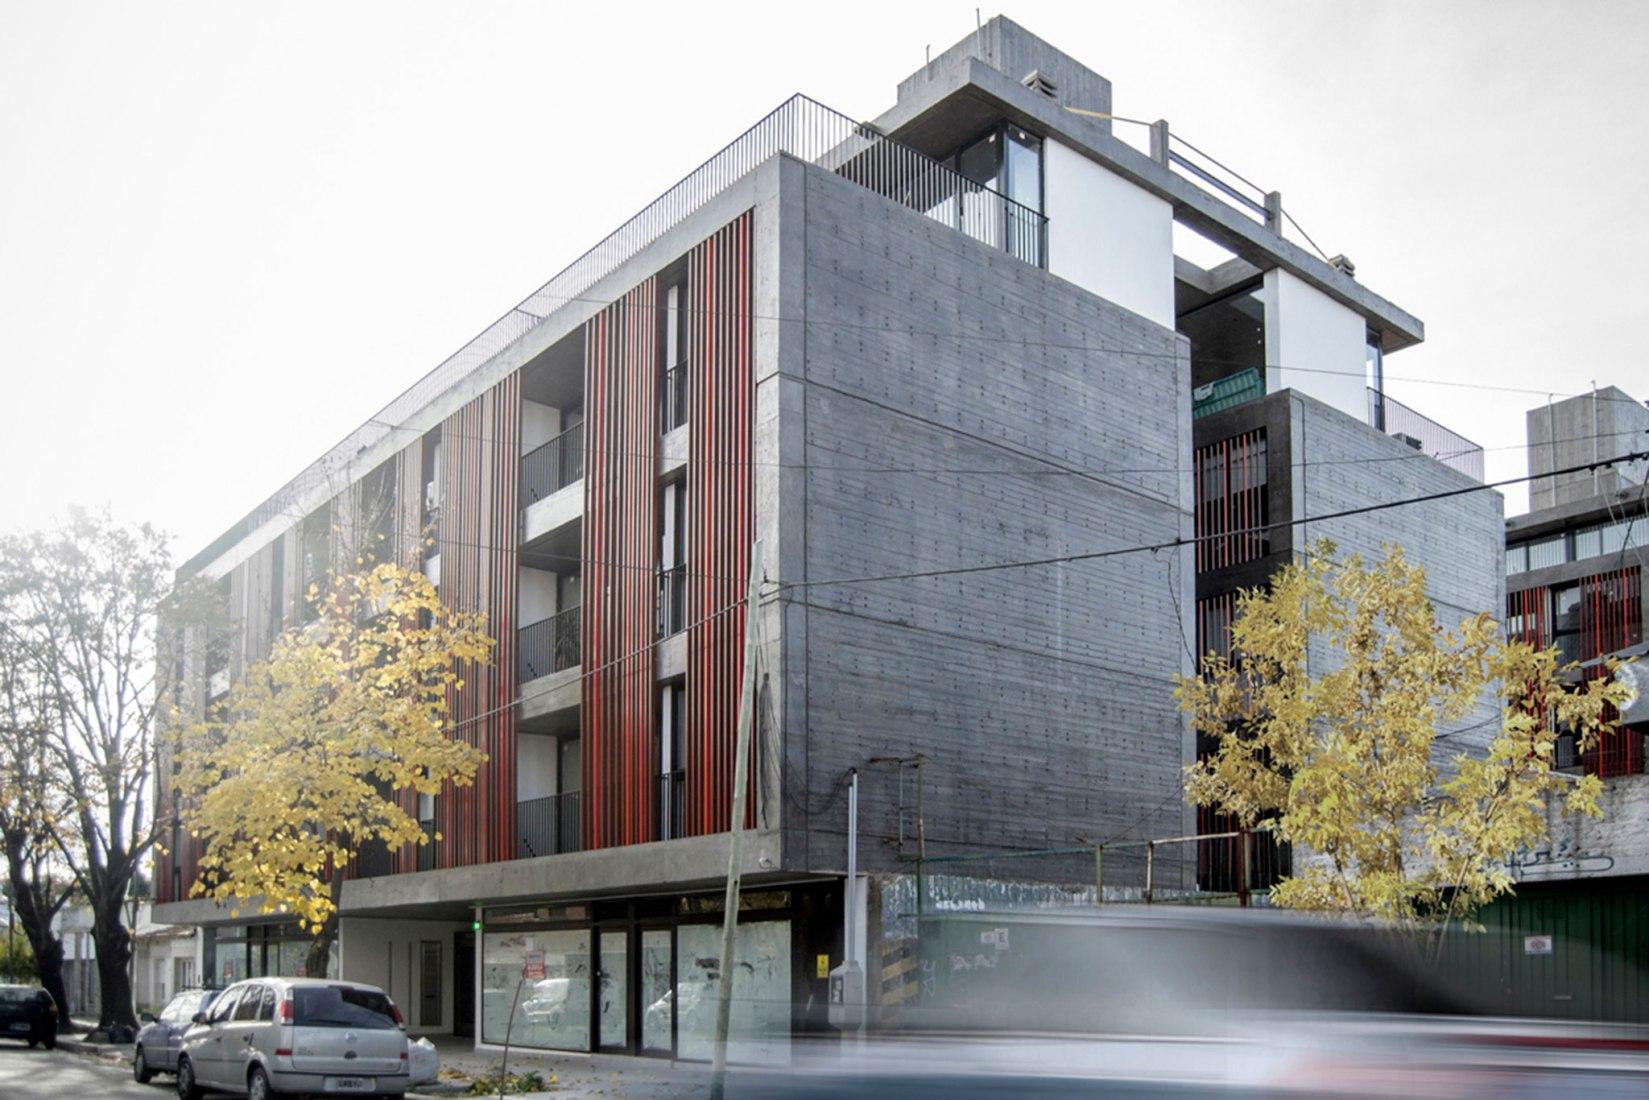 Edificio 21 #1324 por Gianserra + Lima arquitectos. Fotografía por Luis Barandiarán fotografía.